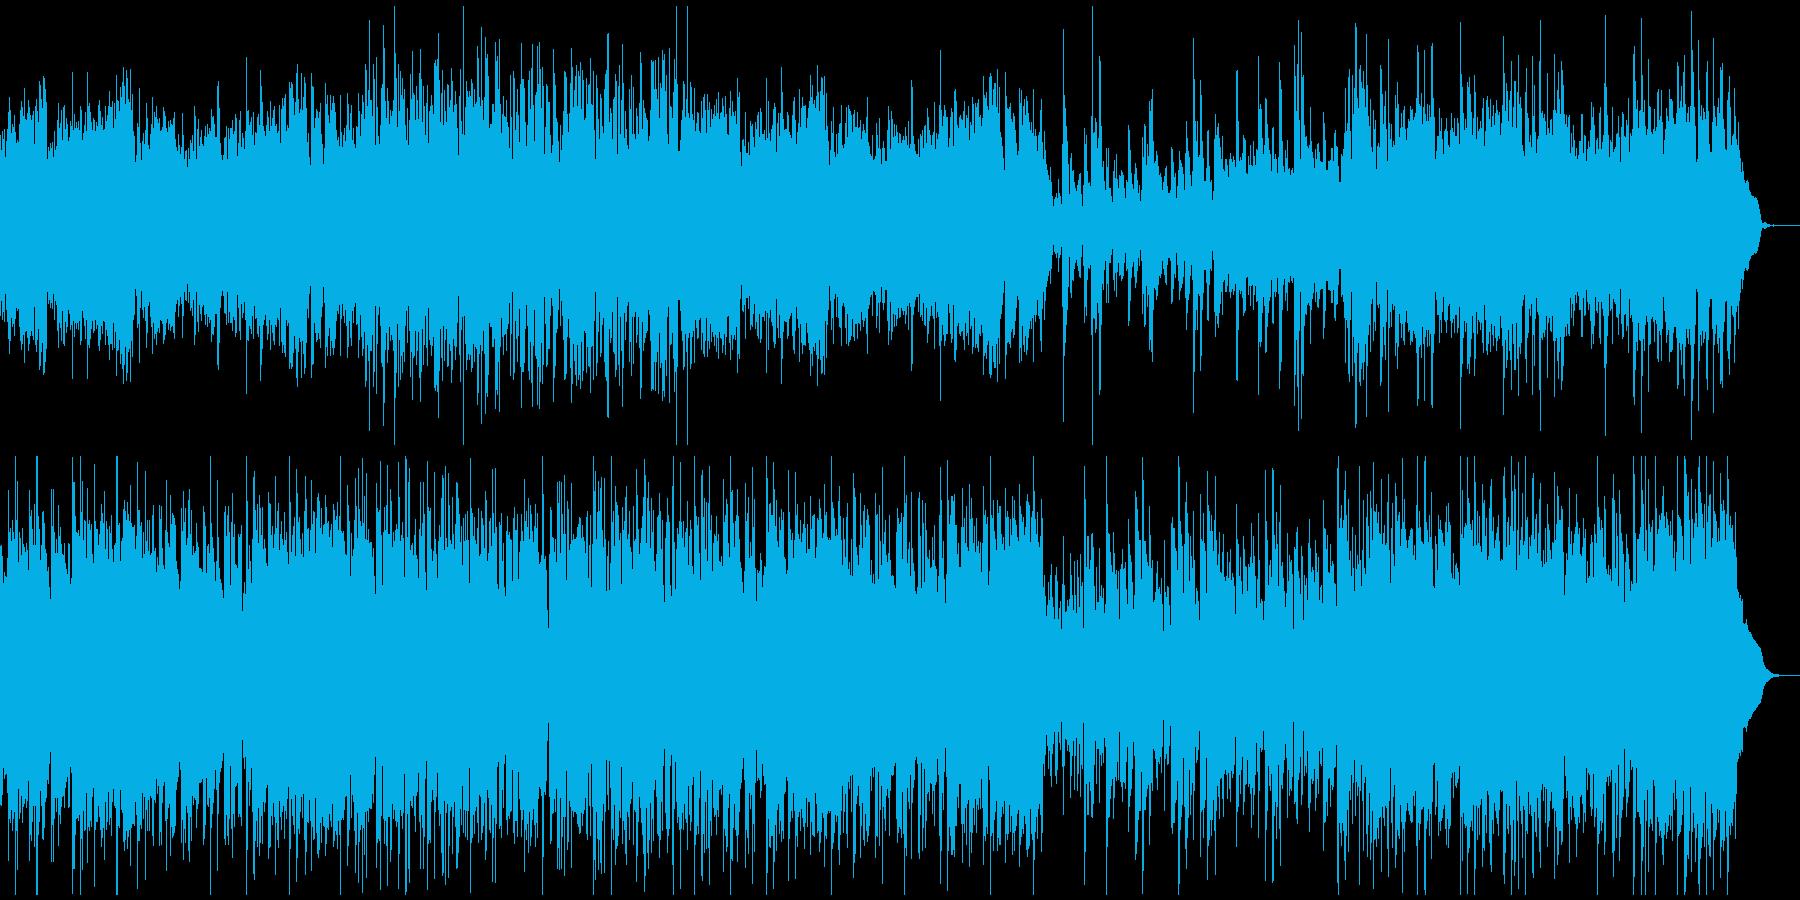 和風ゴシック系の不思議なワルツの再生済みの波形